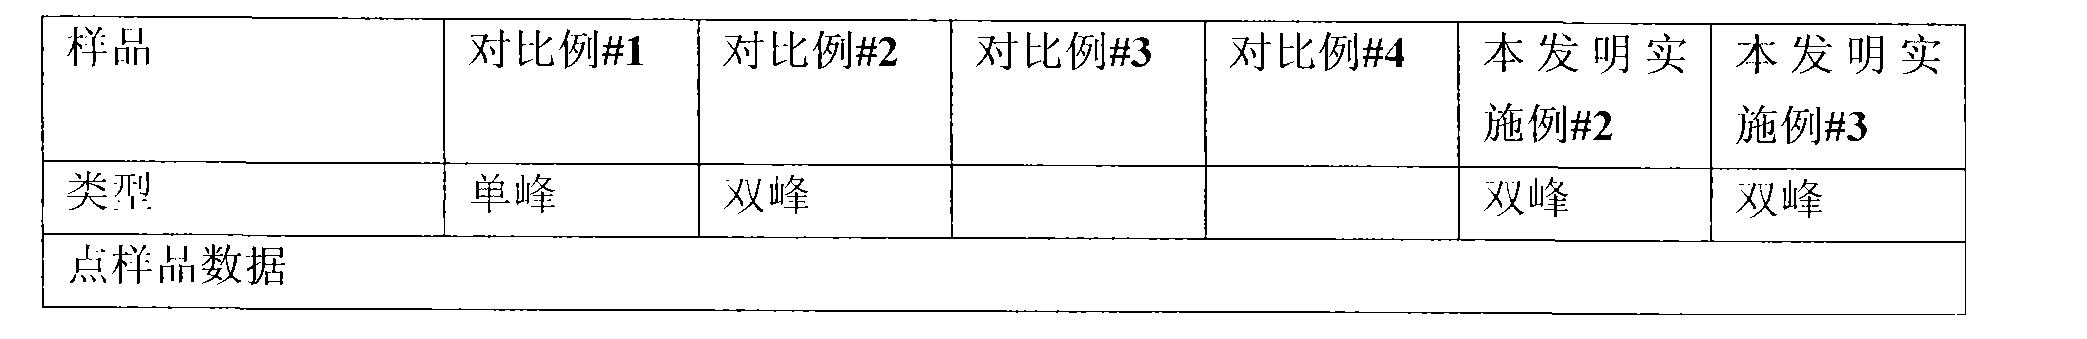 Figure CN101443405BD00242